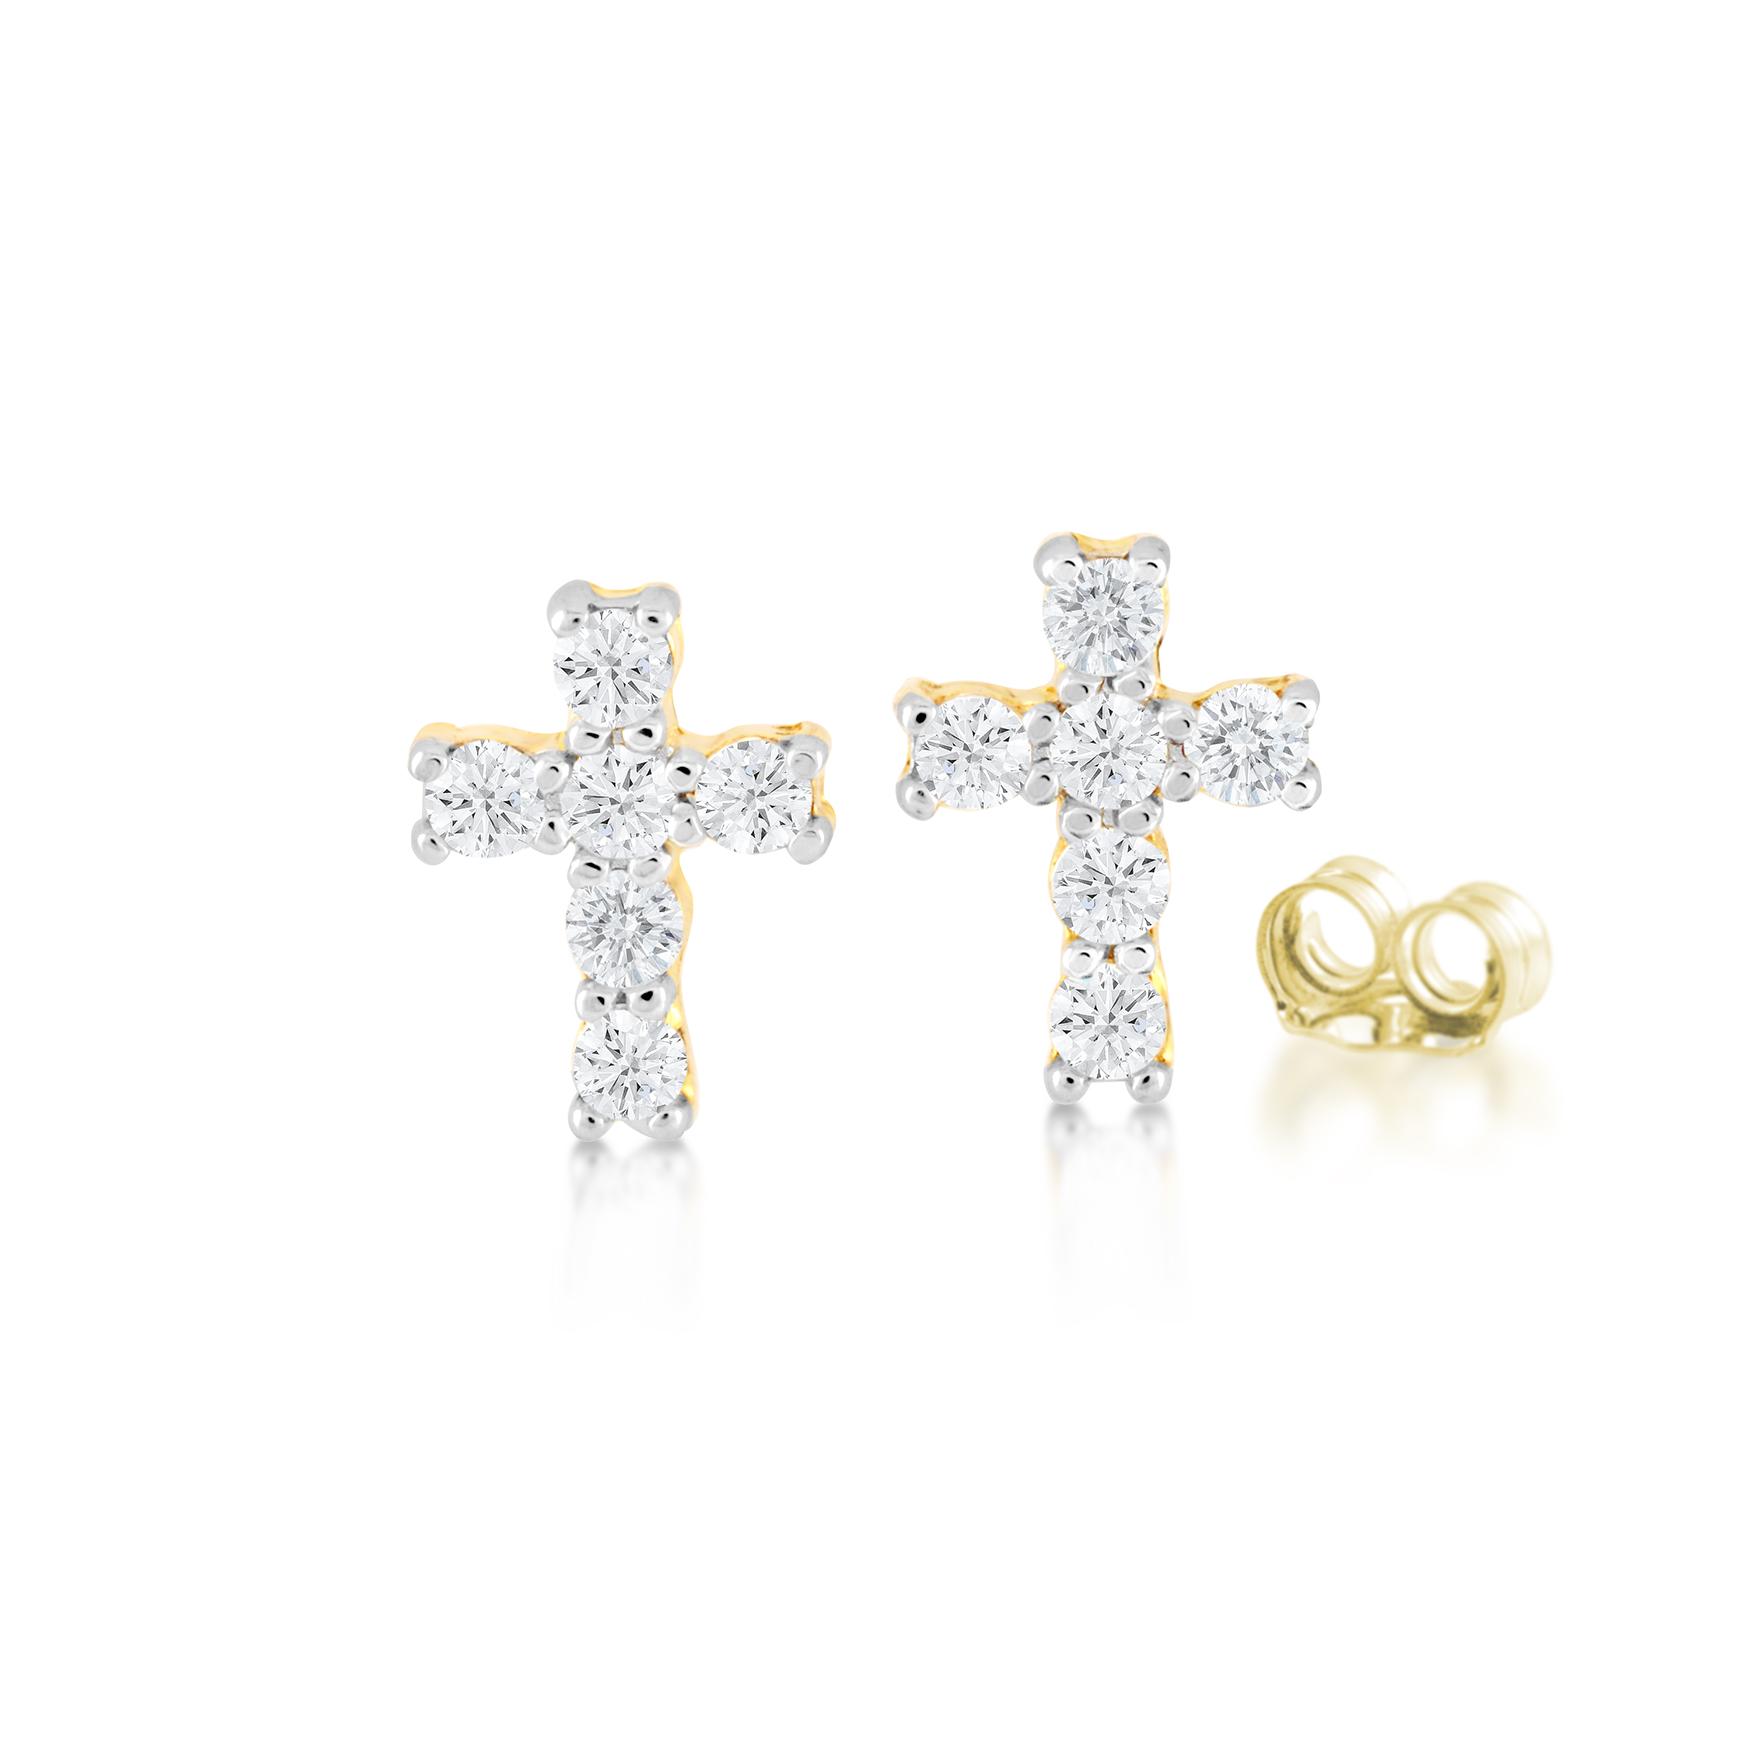 Boucles d'oreilles croix pour enfant avec zircons cubiques - en or jaune 10K - Croix mesure 0.5cm par 0.7cm